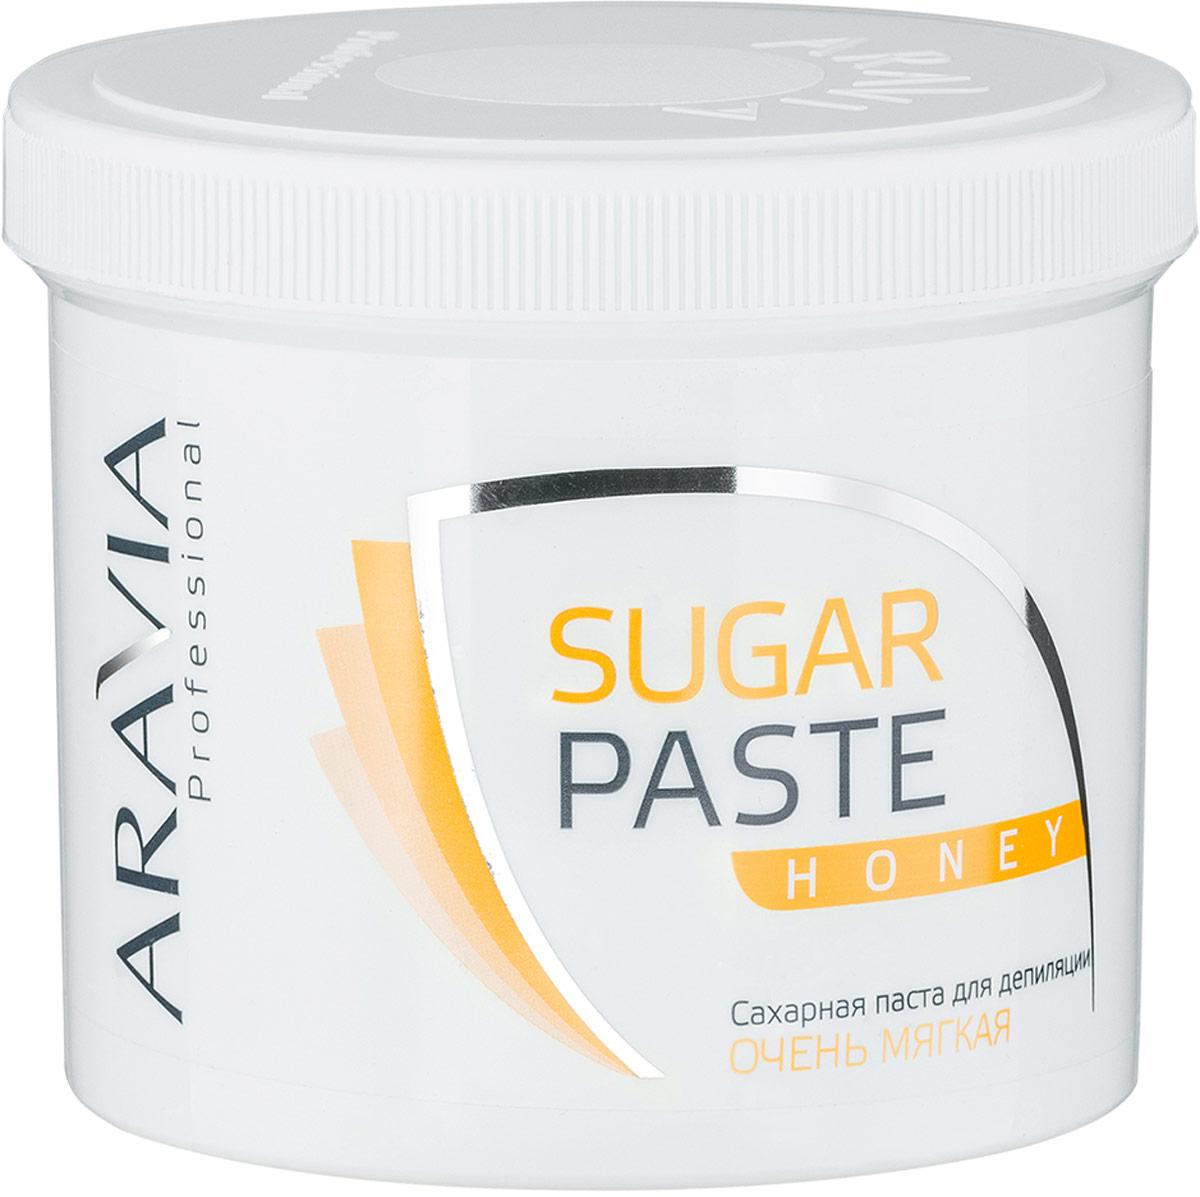 Aravia Professional Сахарная паста для депиляции Медовая очень мягкой консистенции, 750 г сахарная паста для депиляции медовая очень мягкой консистенции 750 гр